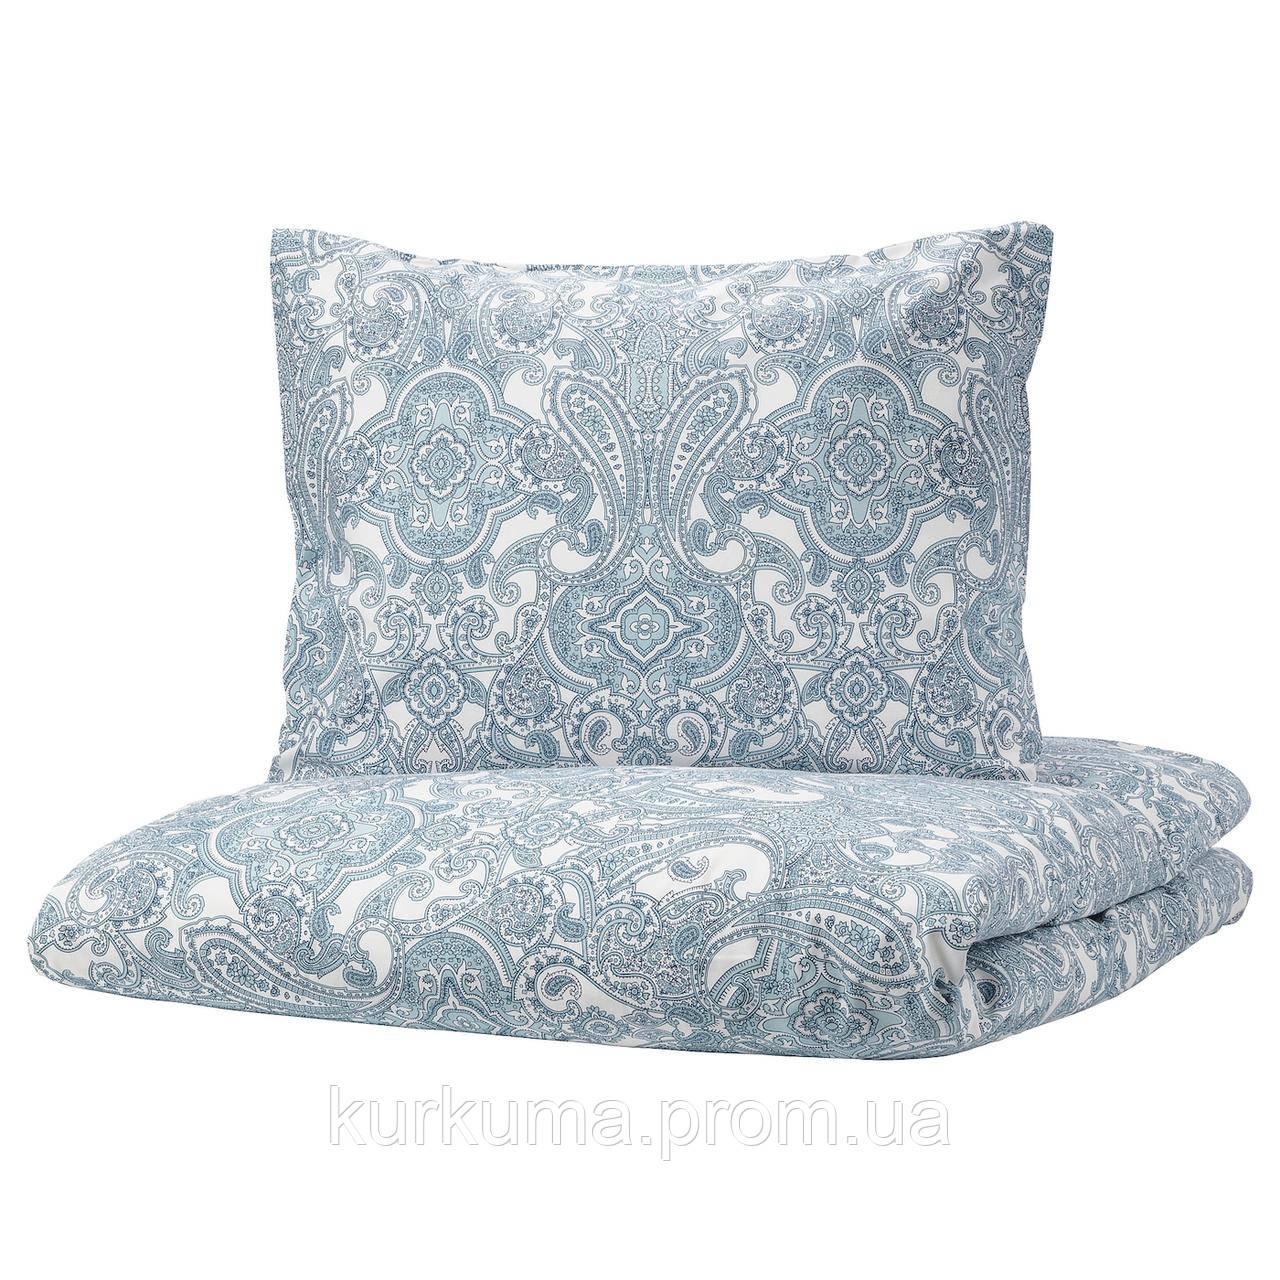 IKEA JATTEVALLMO Комплект постельного белья 150x200/50x60 см (503.997.09)